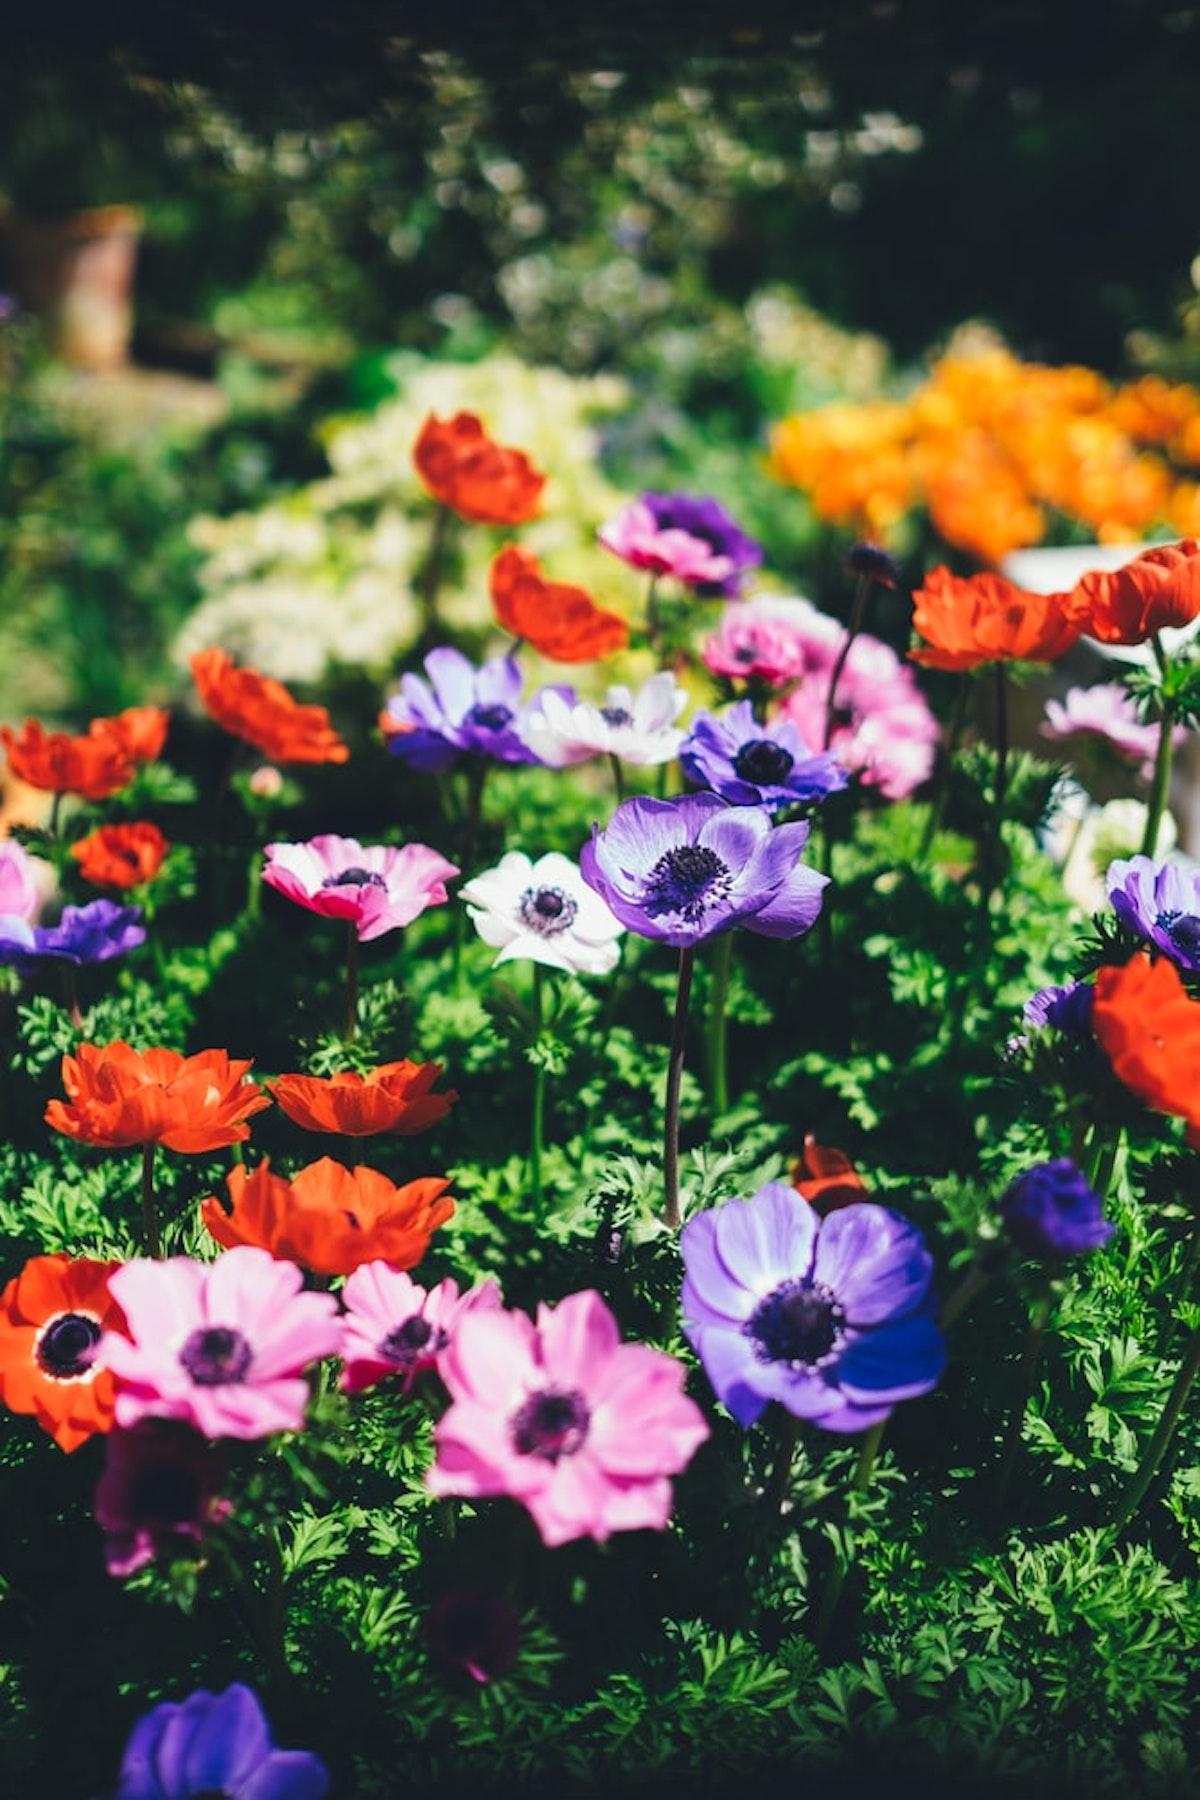 coquelicot jardin fleuri coloré semer fleur extérieur balconnière - clemaroundthecorner